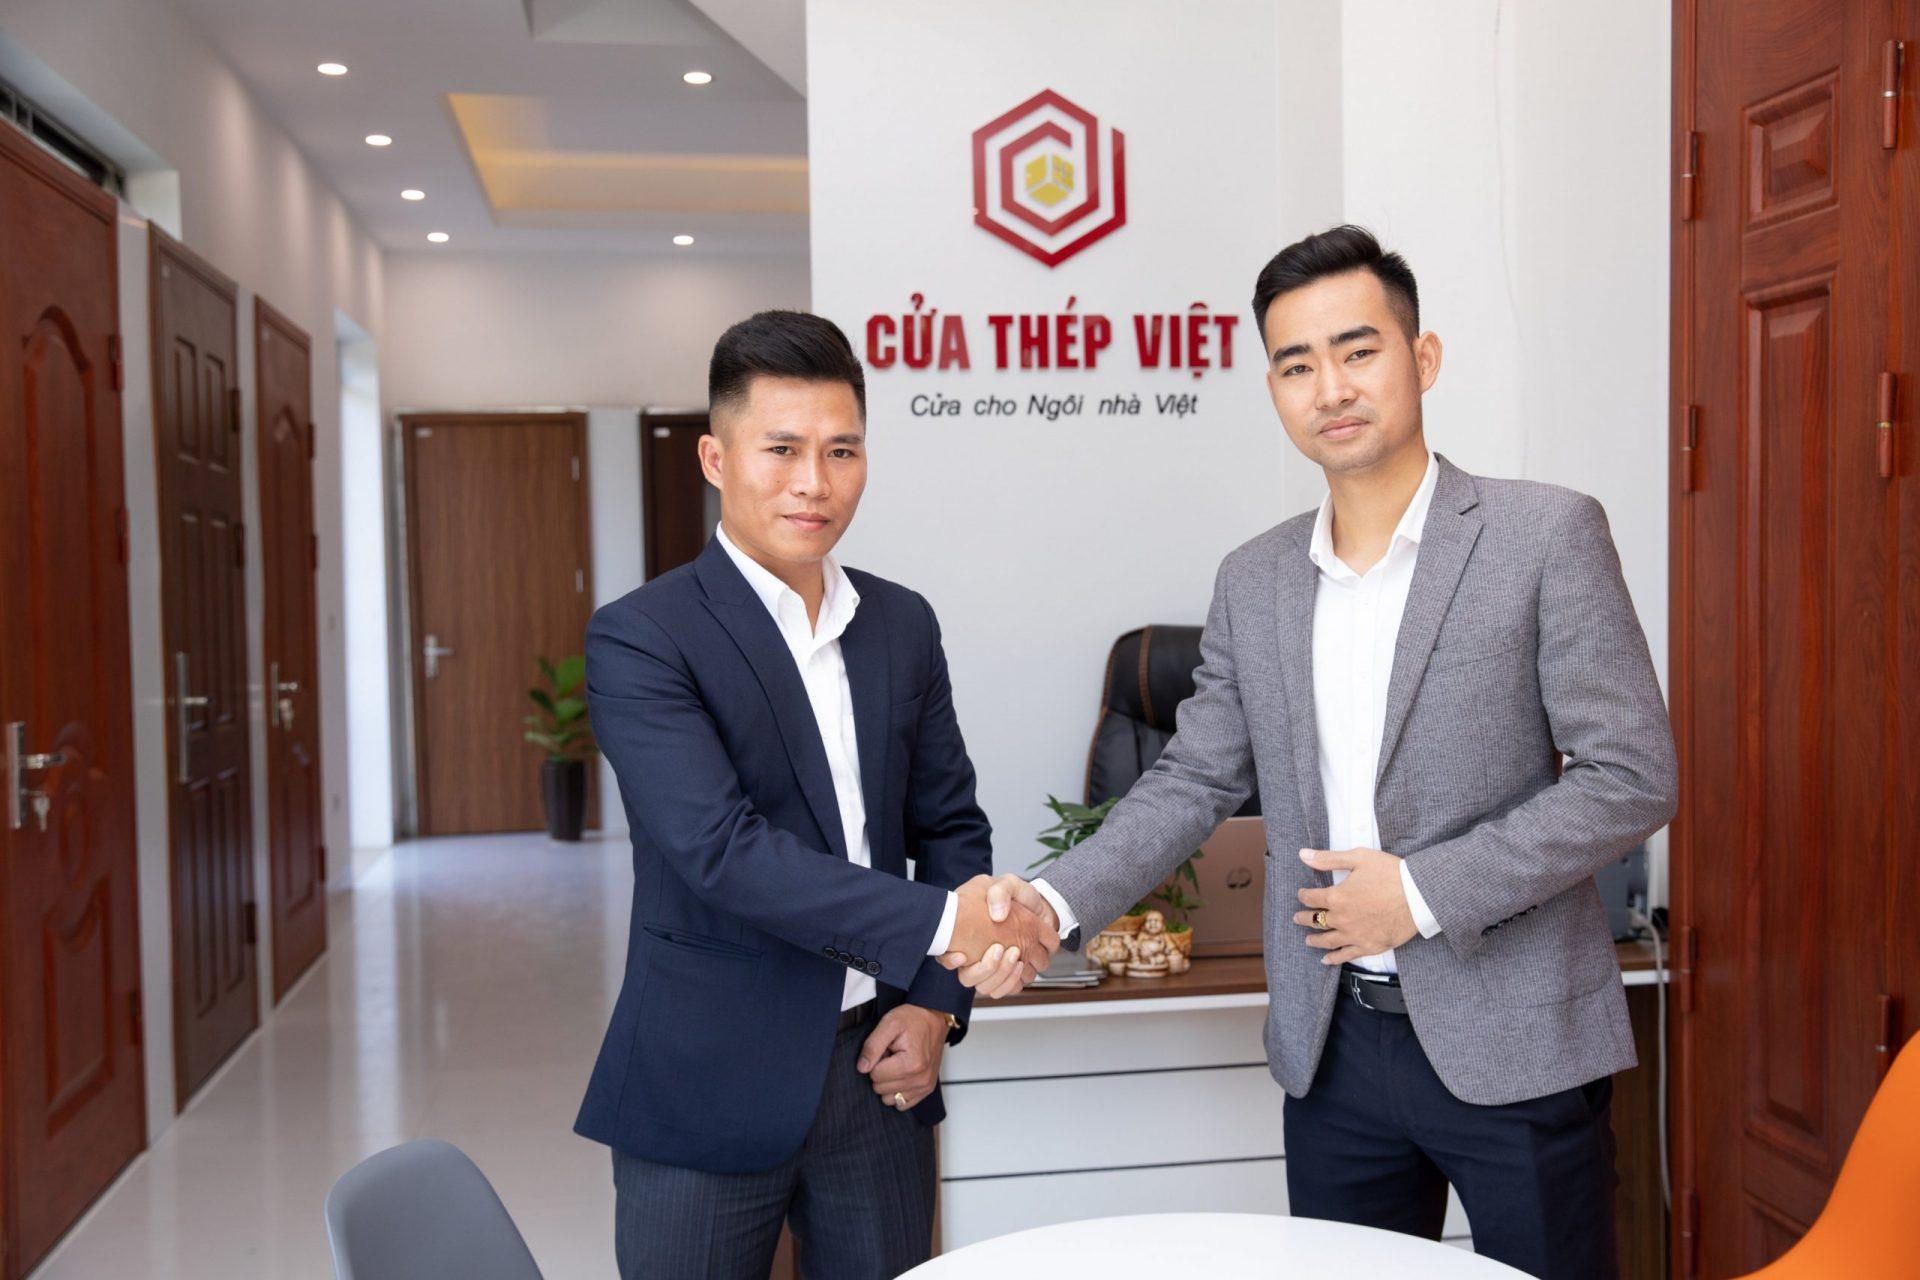 Chính sách đại lý tại Công ty CP Cửa Thép Việt